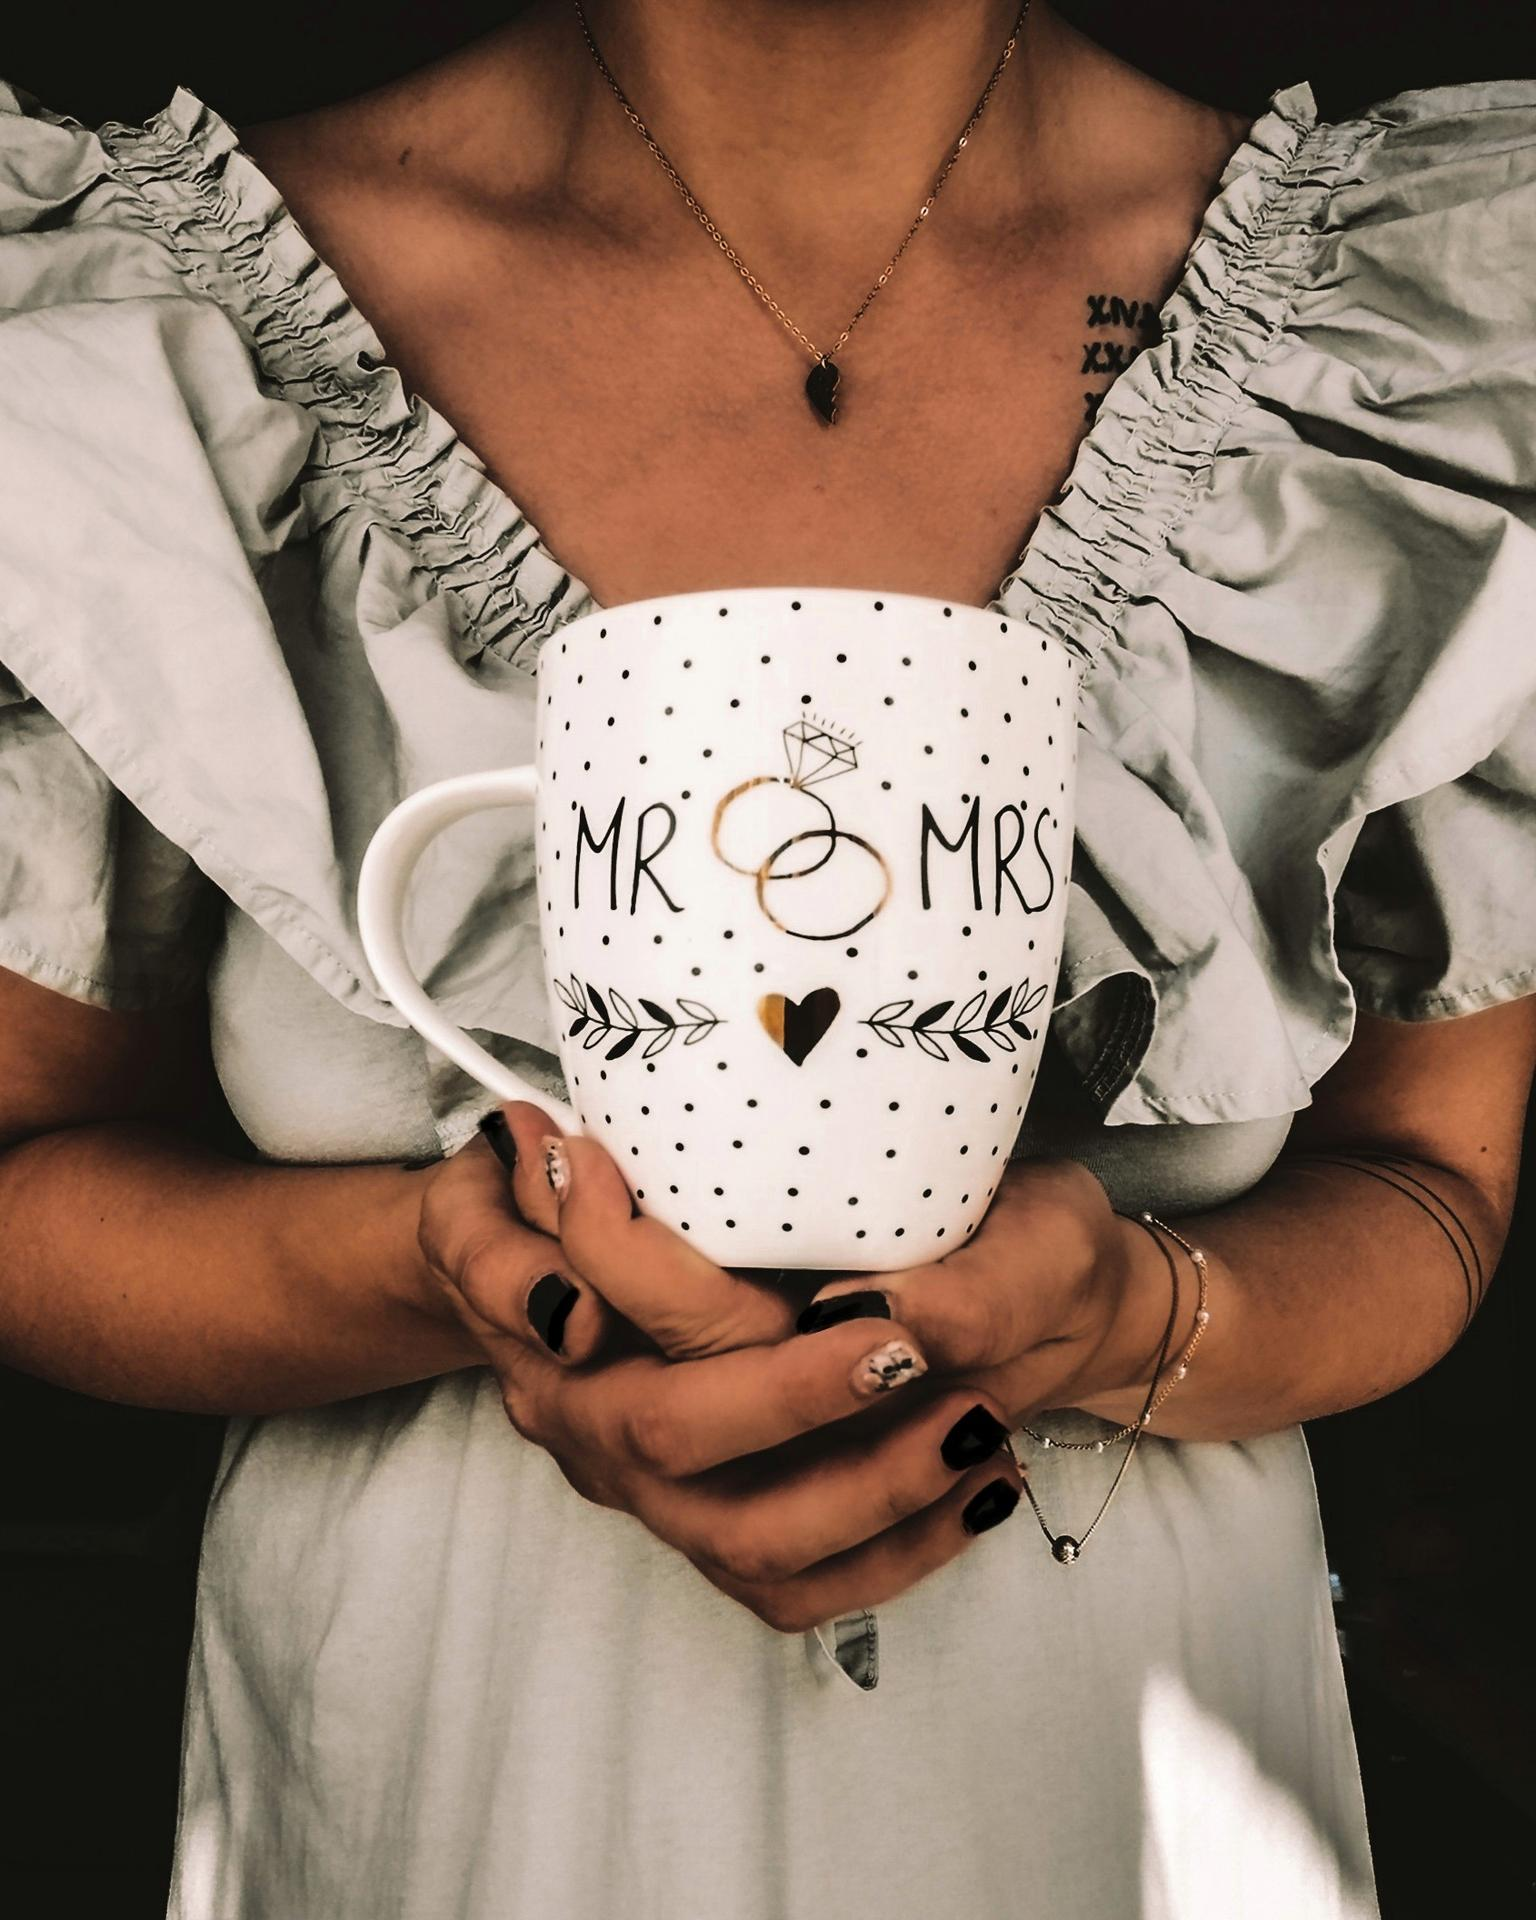 Malá svatební inspirace ❤️ Tento hrníček jsem koupila v Nanu nana za 150kc. Je nádherný 😍 a kafe z něj chutná skvěle 🙏 - Obrázek č. 1